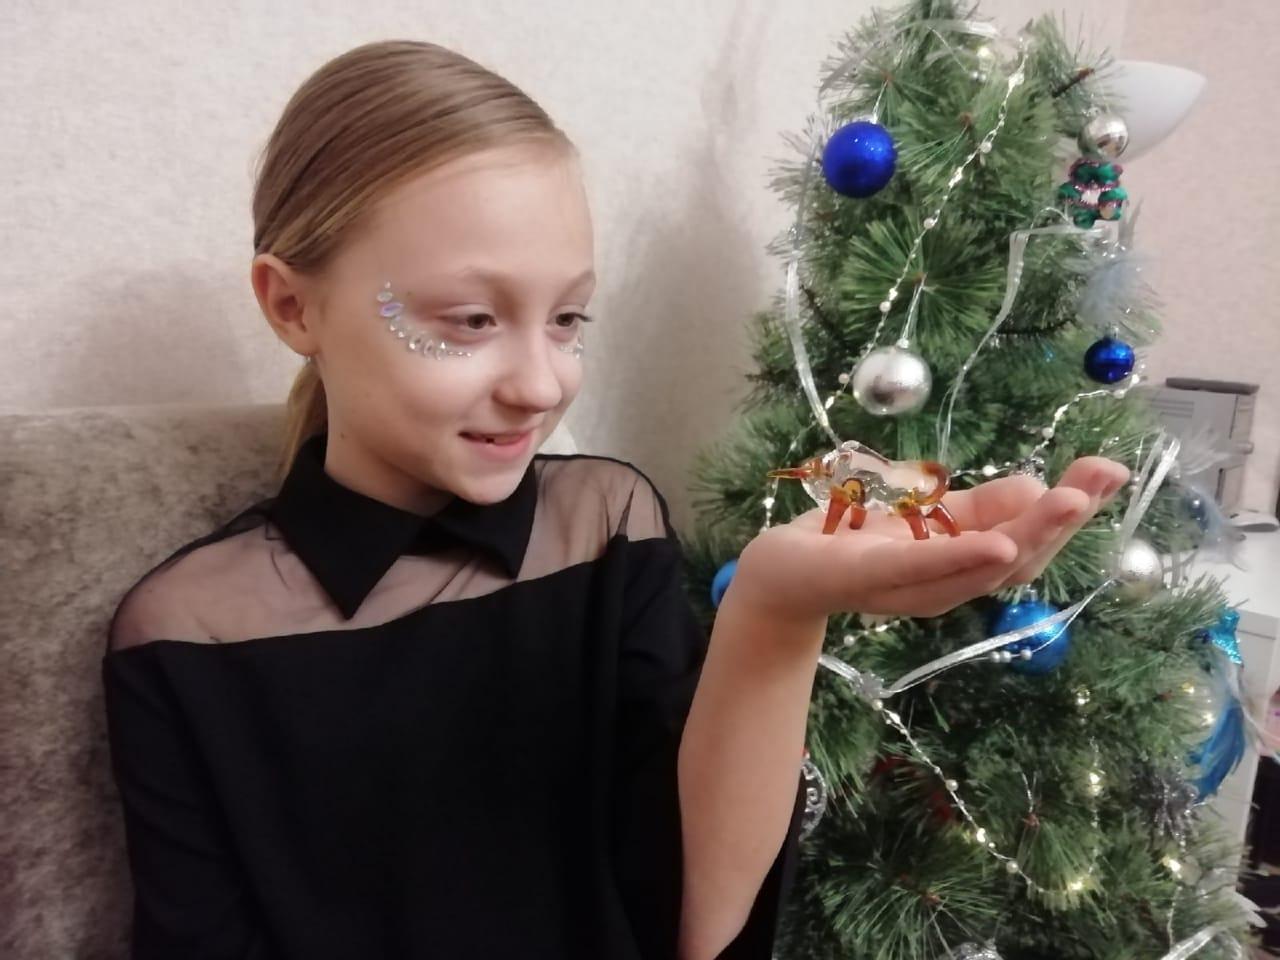 Наталья Швидько вместе с дочкой Марией — новые участники конкурса «Я и символ 2021 года»